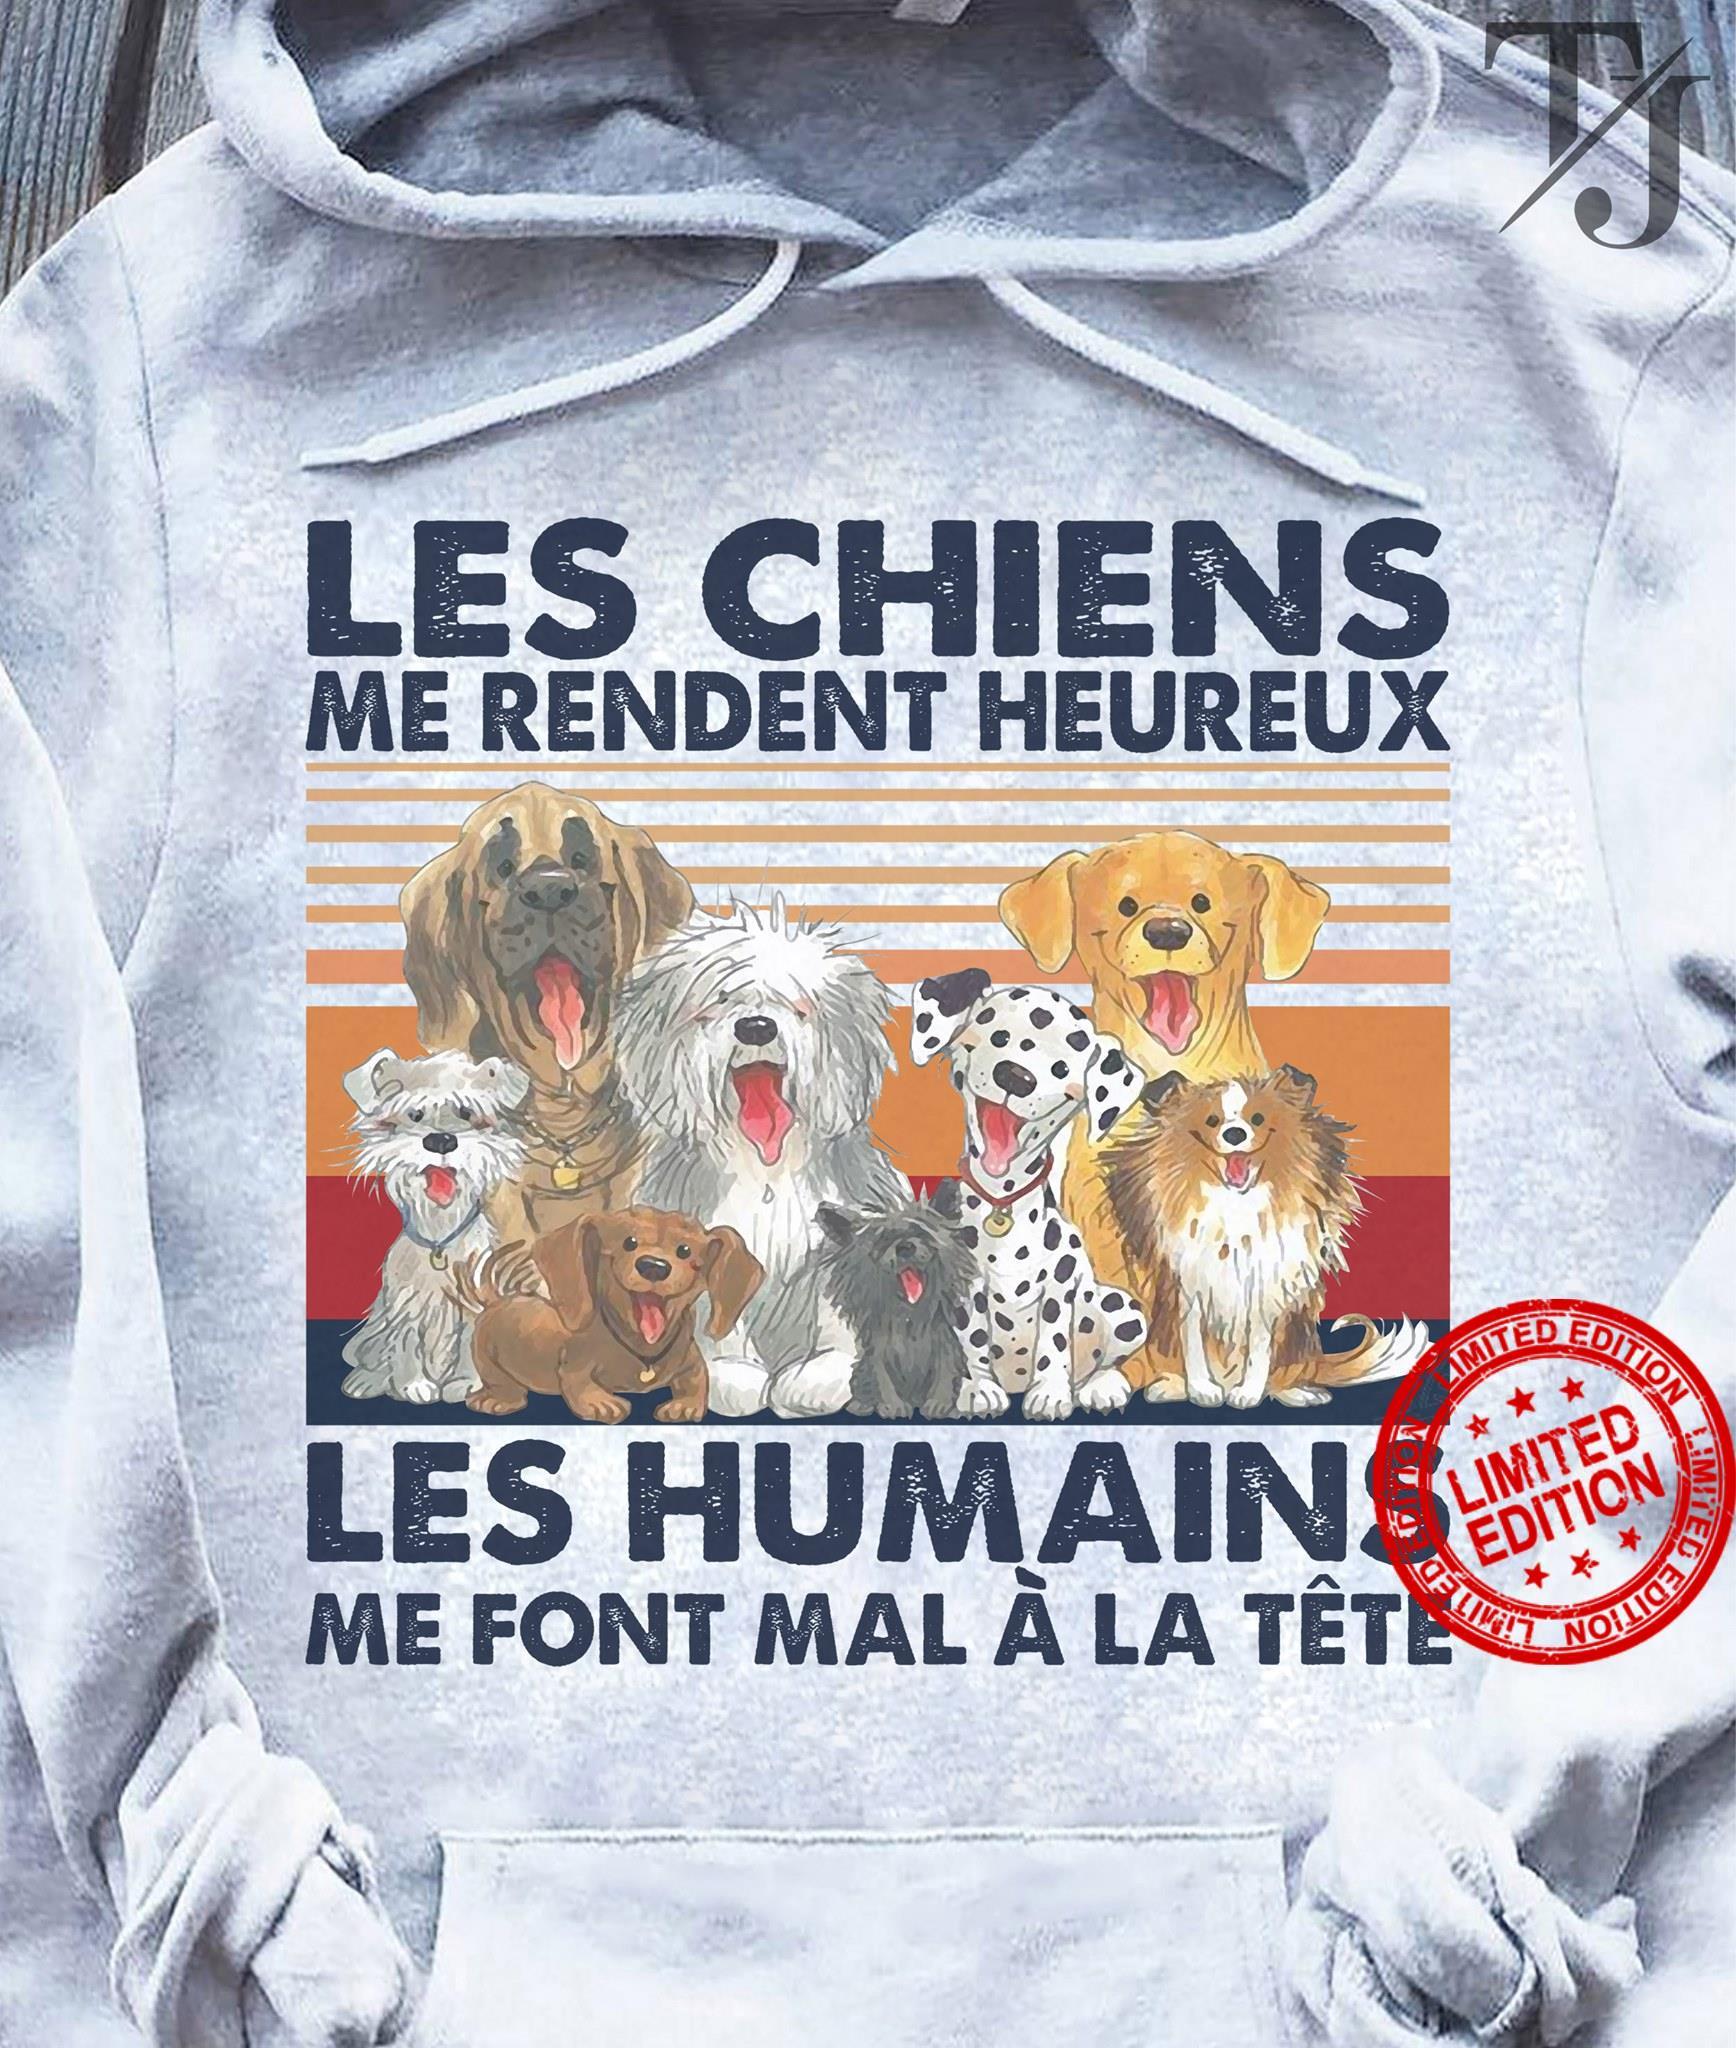 Les Chiens Me Rendent Heureux Les Humains Me Font Mal A La Tete Shirt